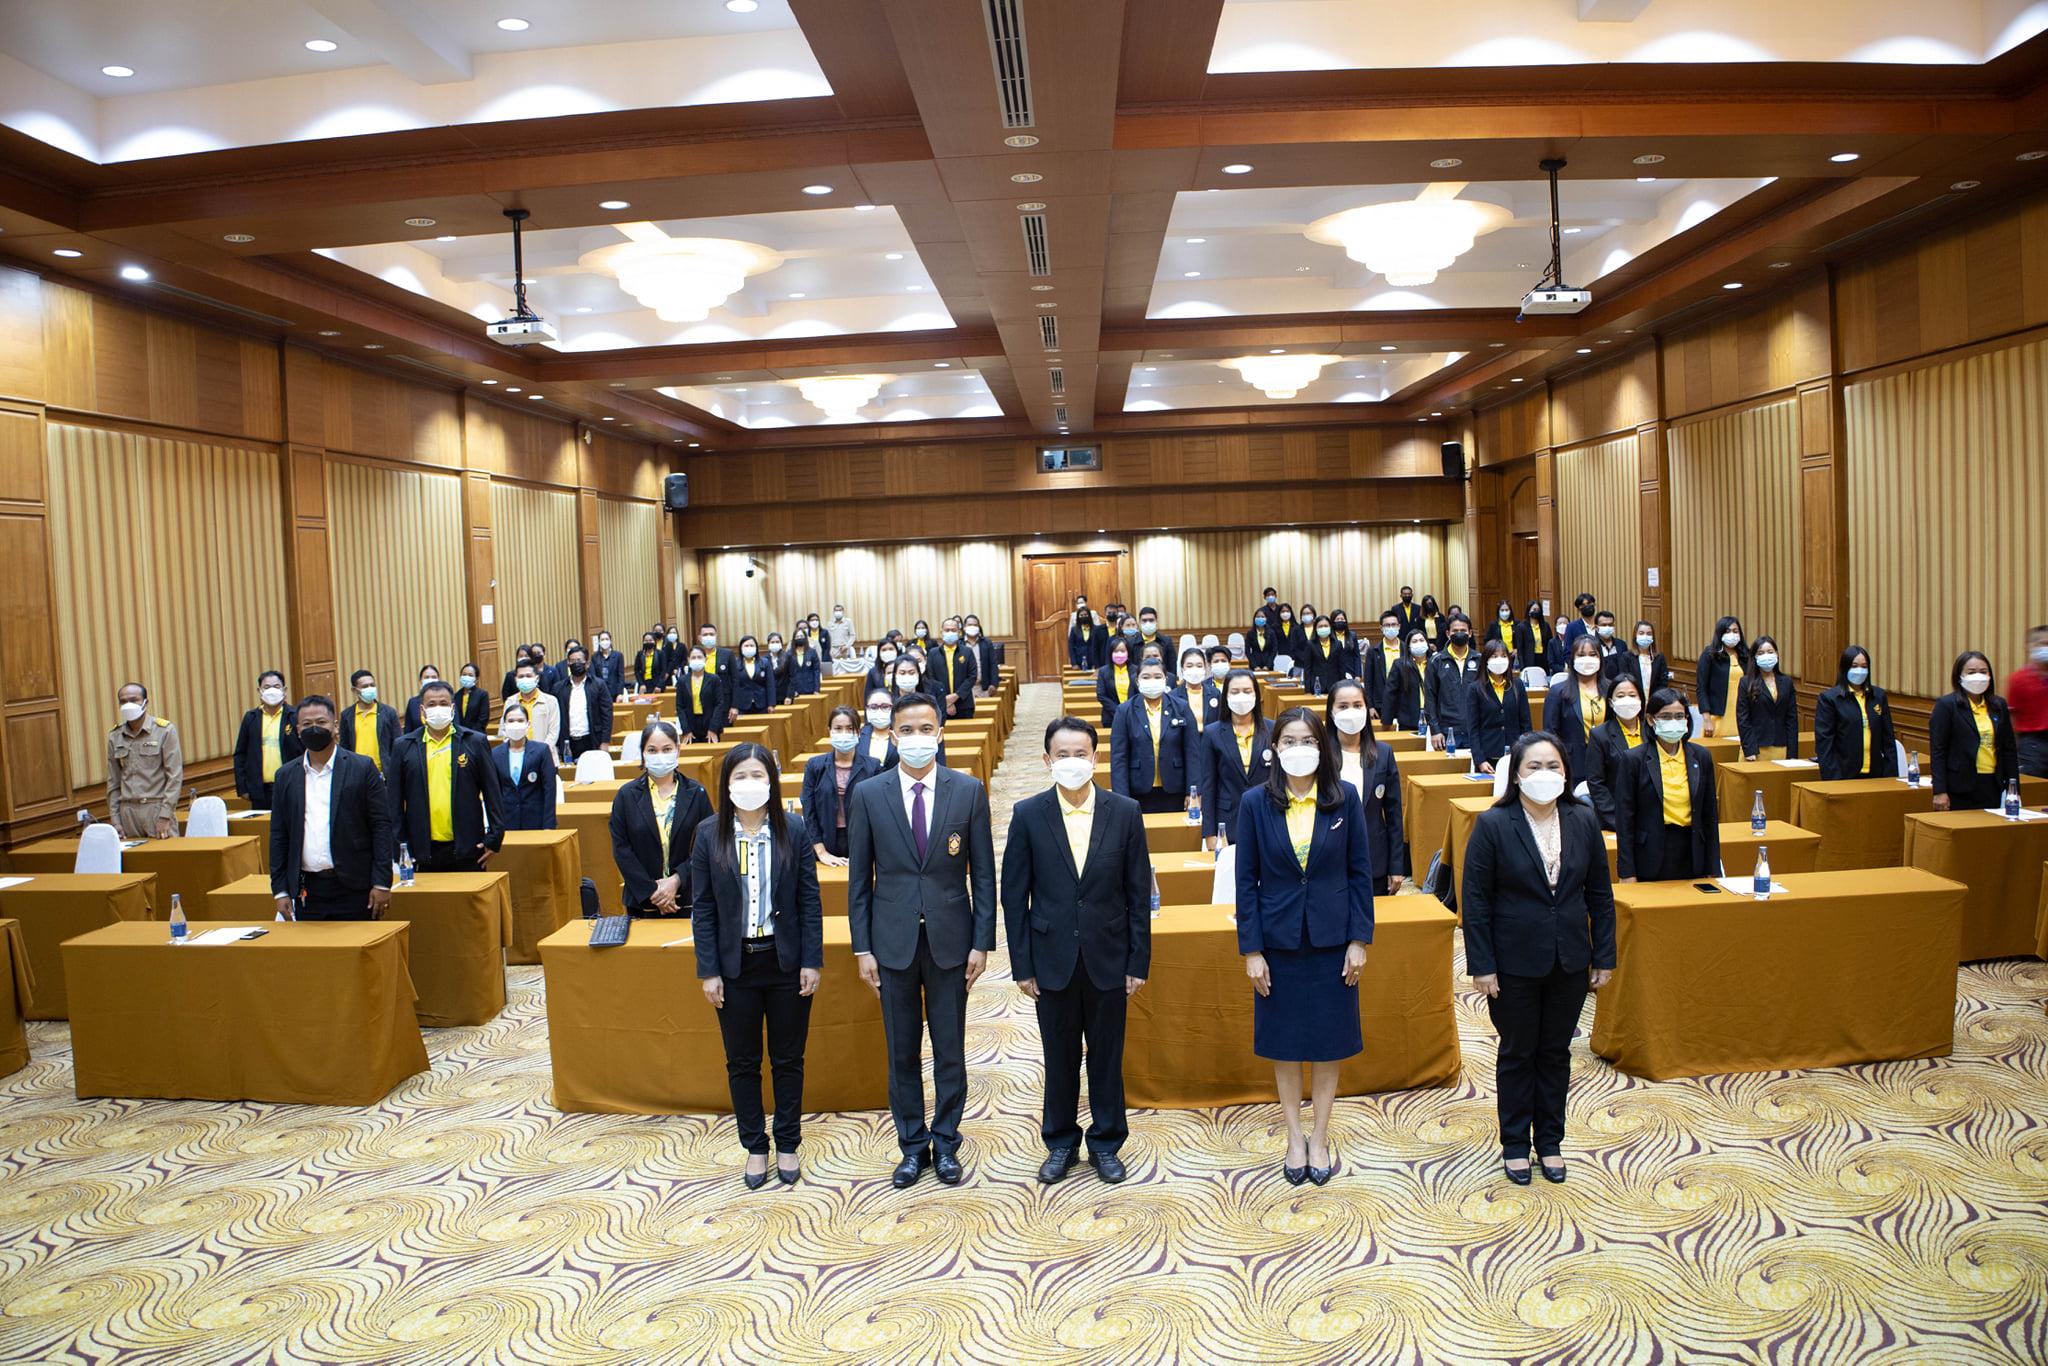 โครงการการประชุมเชิงปฏิบัติการสร้างข้อสอบวัดผลสัมฤทธิ์ทางการเรียนหลักสูตรการศึกษานอกระบบระดับการศึกษาขั้นพื้นฐาน พุทธศักราช 2551 ภาคเรียนที่ 1 ปีการศึกษา 2564 ณ